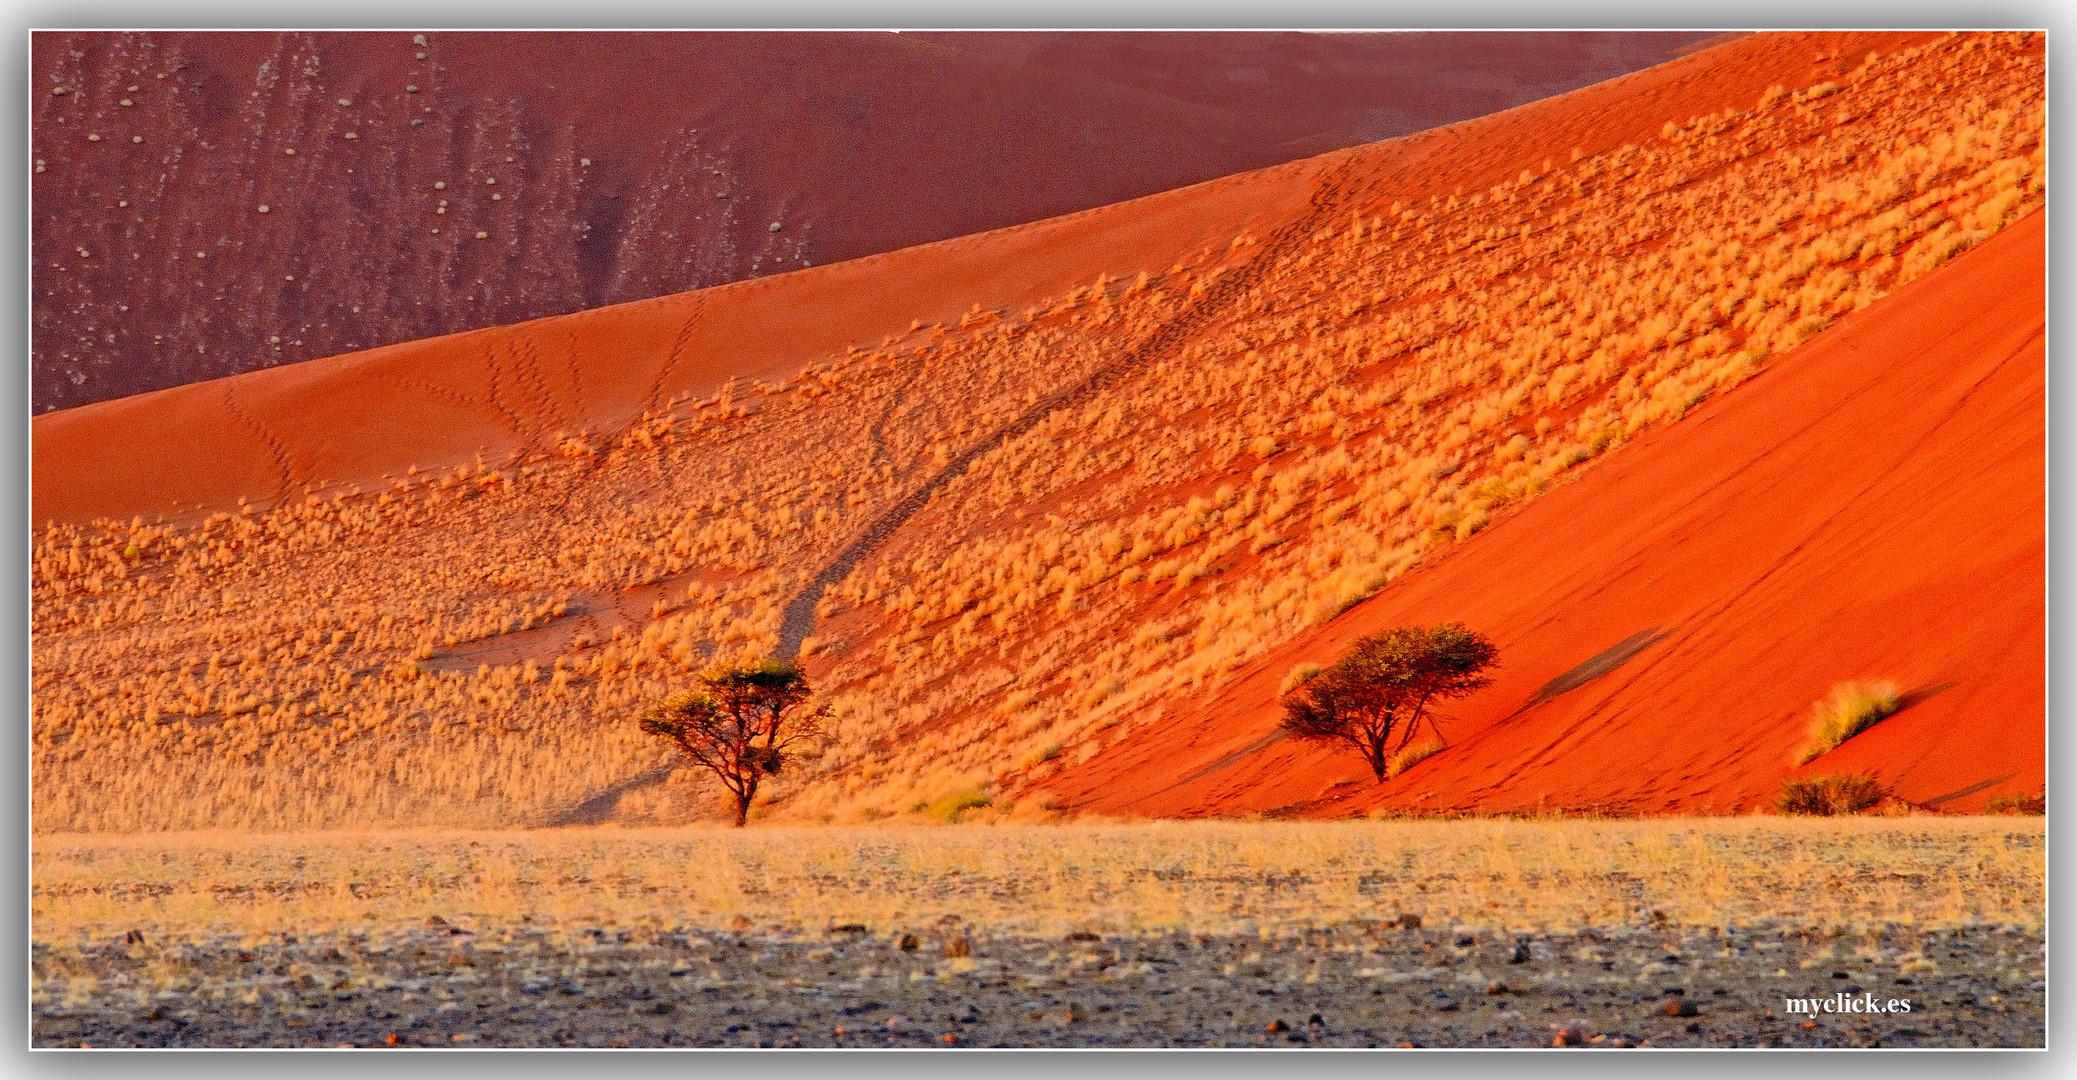 MEMORIAS DE AFRICA -CONTRASTES  DE SUSSVLEI-NAMIBIA